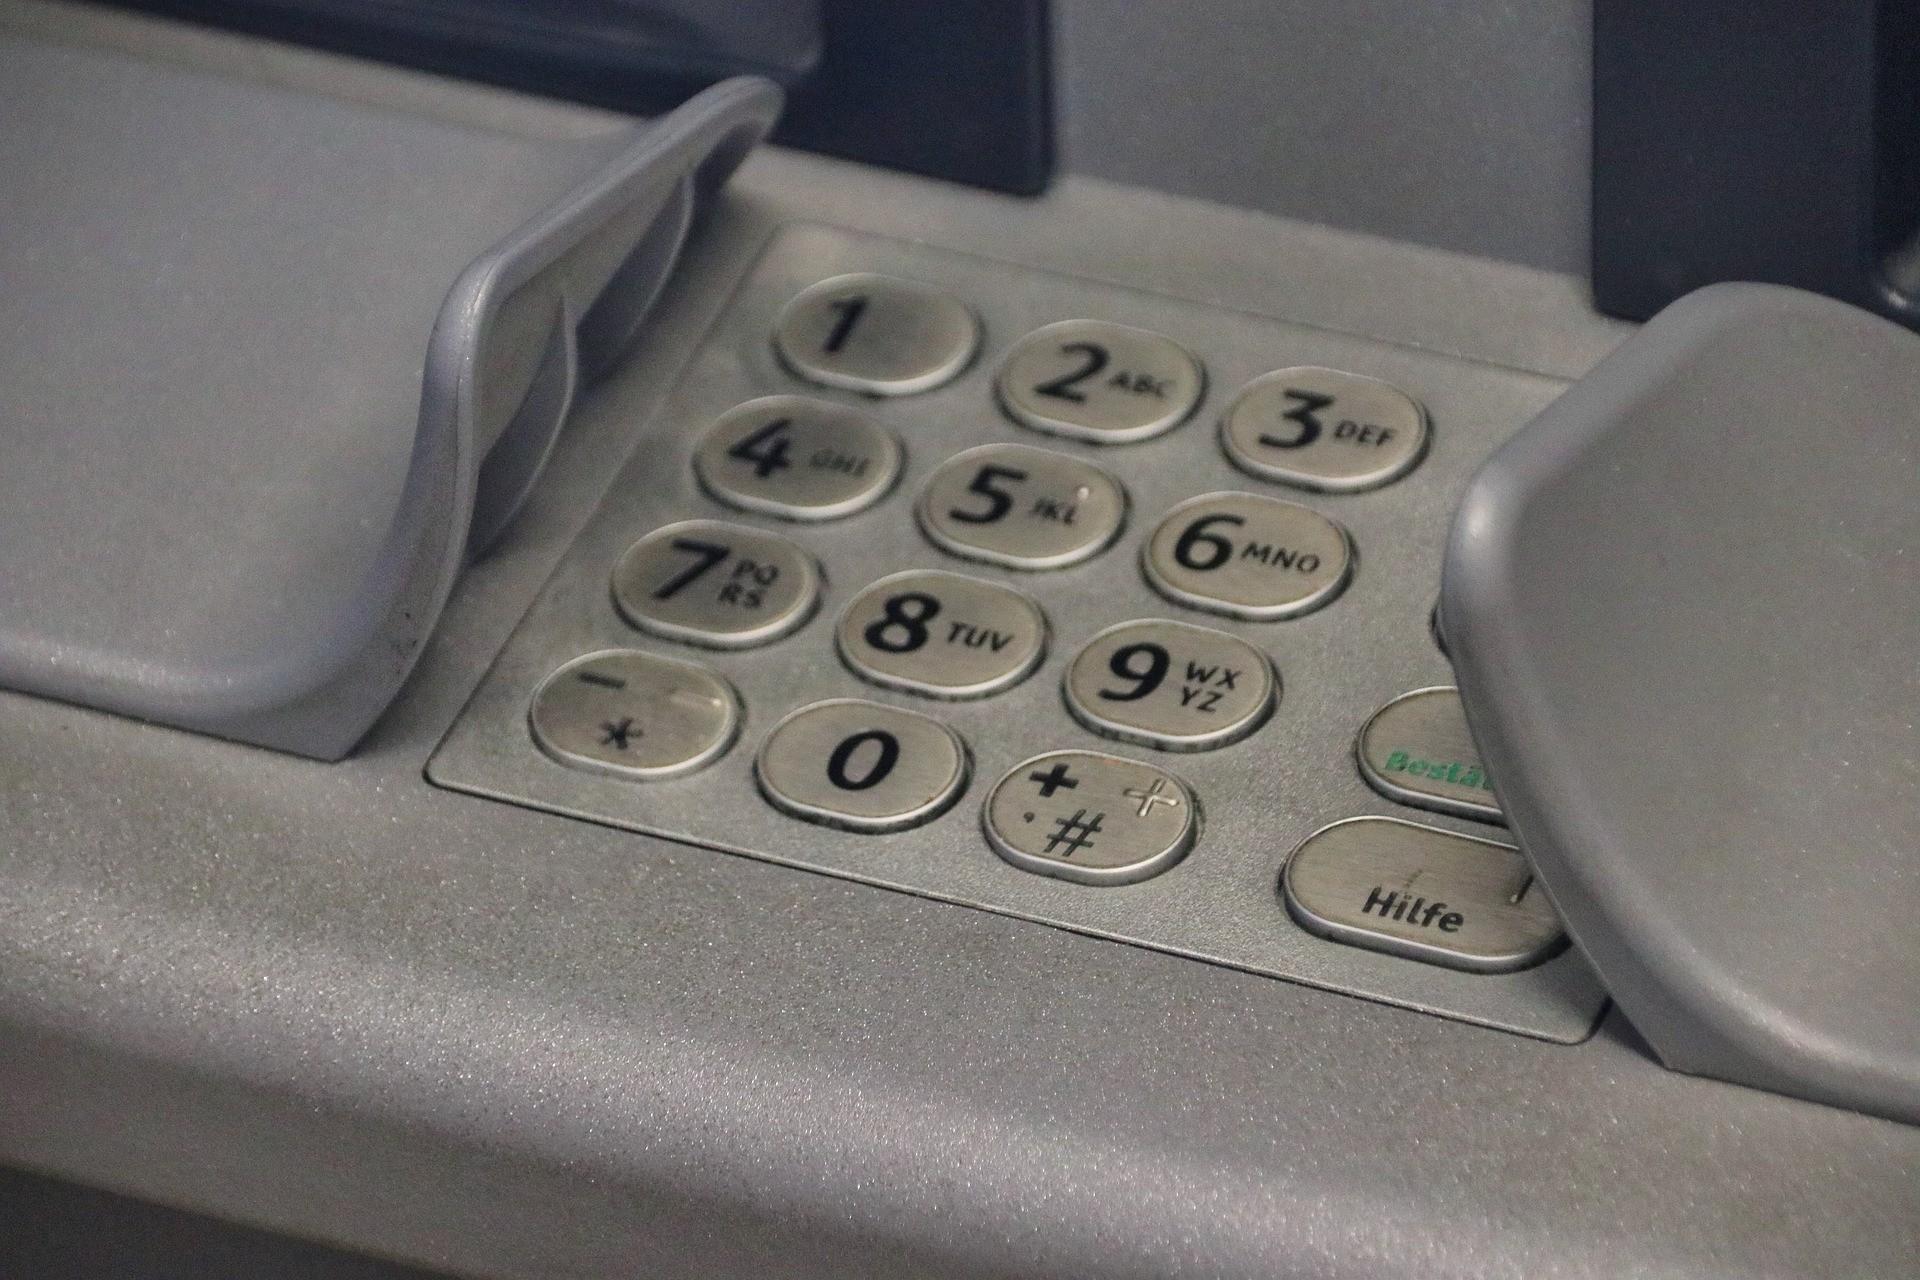 Πληρωμές: Ποιοι θα πάνε ταμείο μέχρι τις 15 Μαΐου – «Ζεστό» χρήμα σε χιλιάδες δικαιούχους